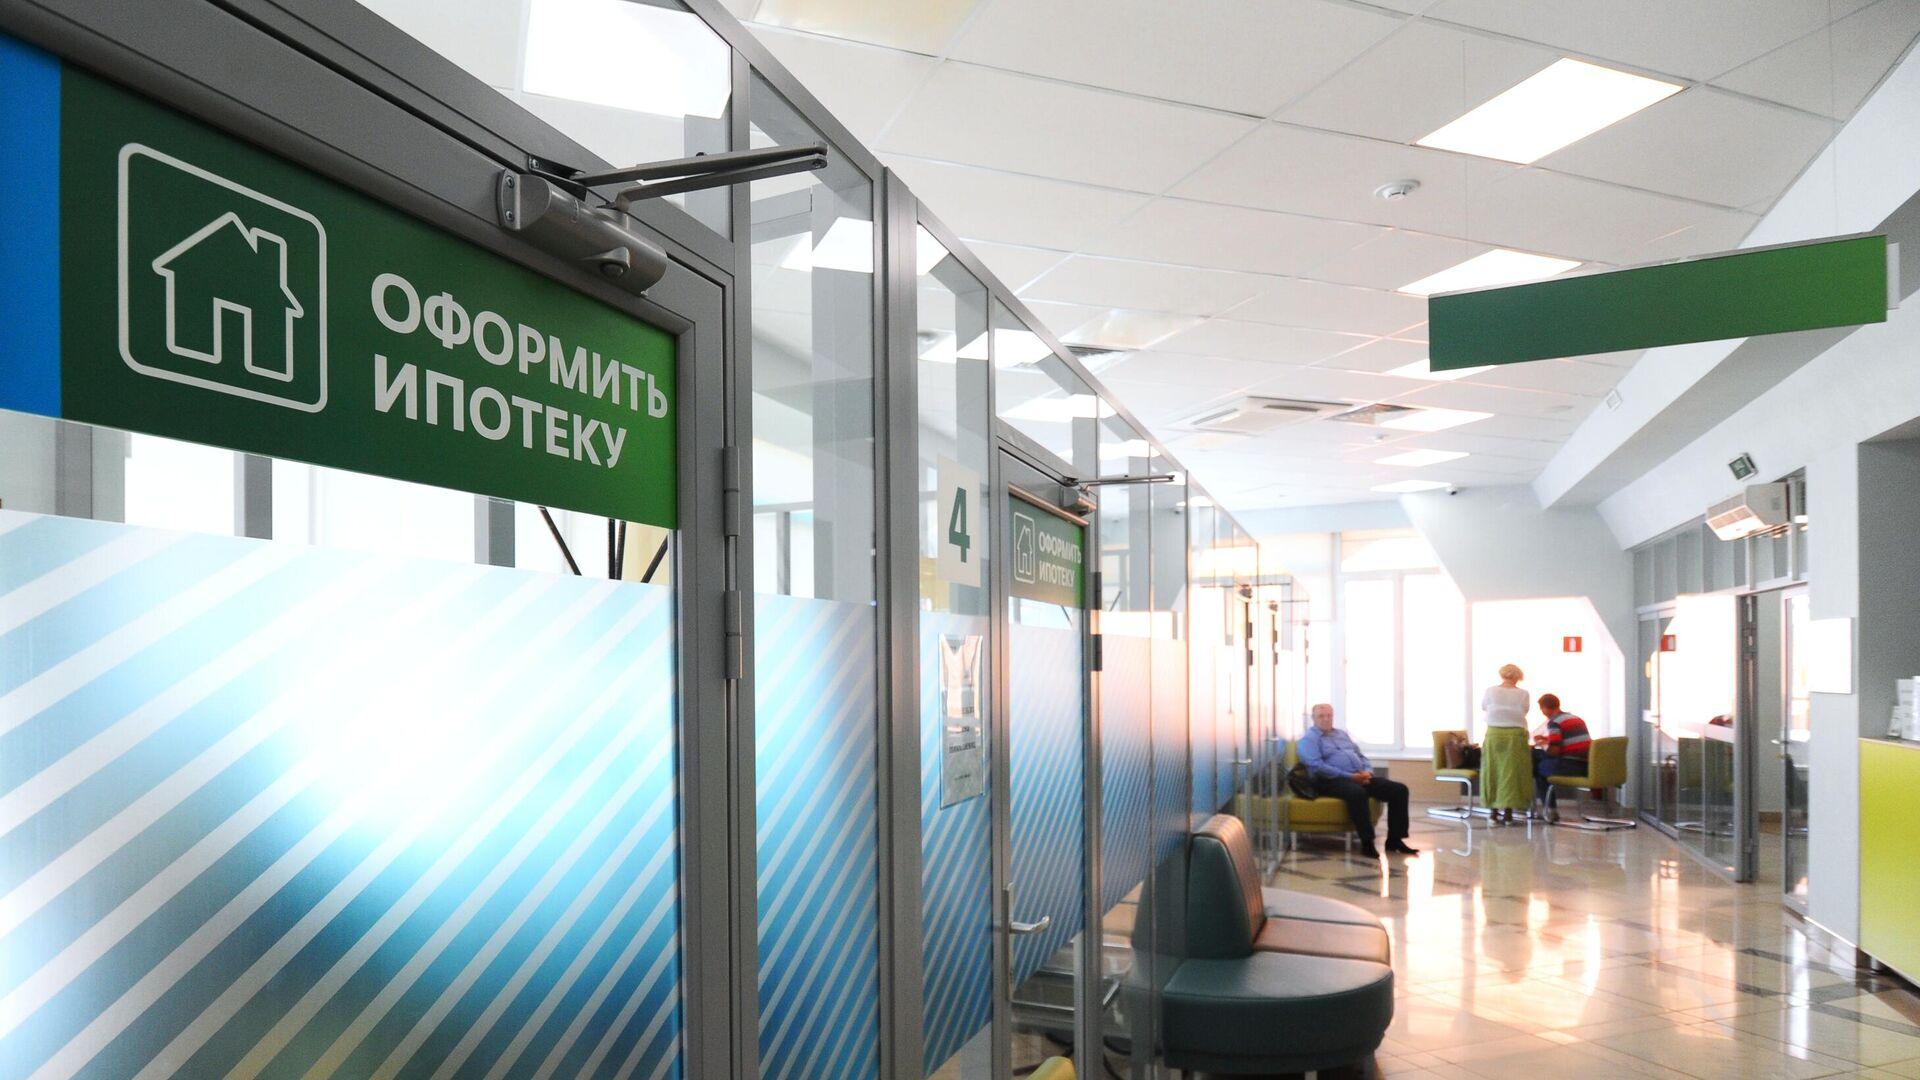 Центр ипотечного кредитования в отделении ПАО Сбербанк - РИА Новости, 1920, 11.02.2021